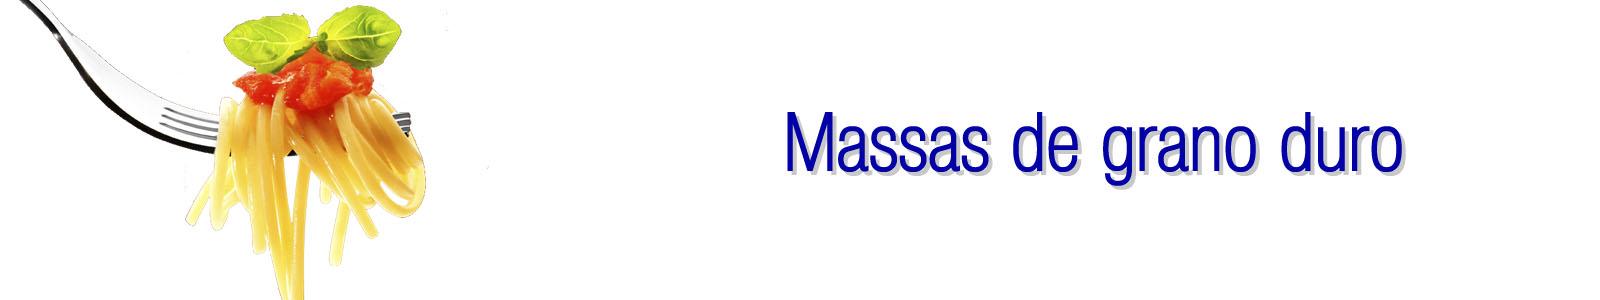 testata_massa